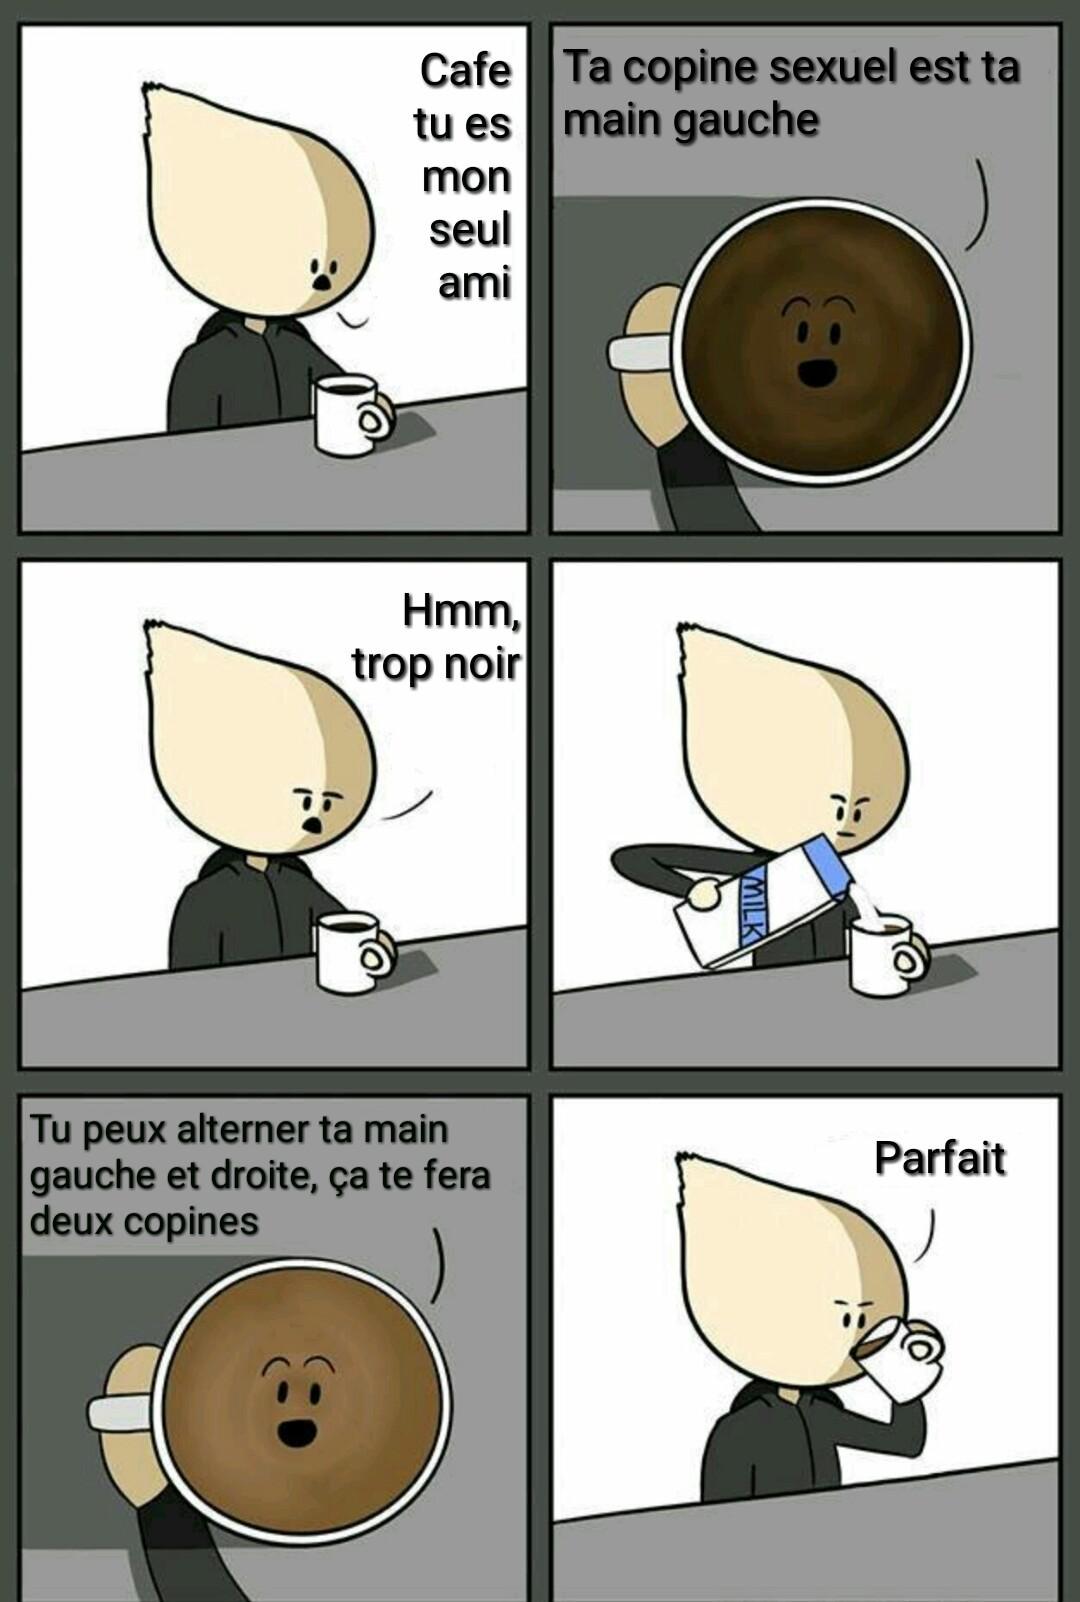 Le lait, c'est cool - meme